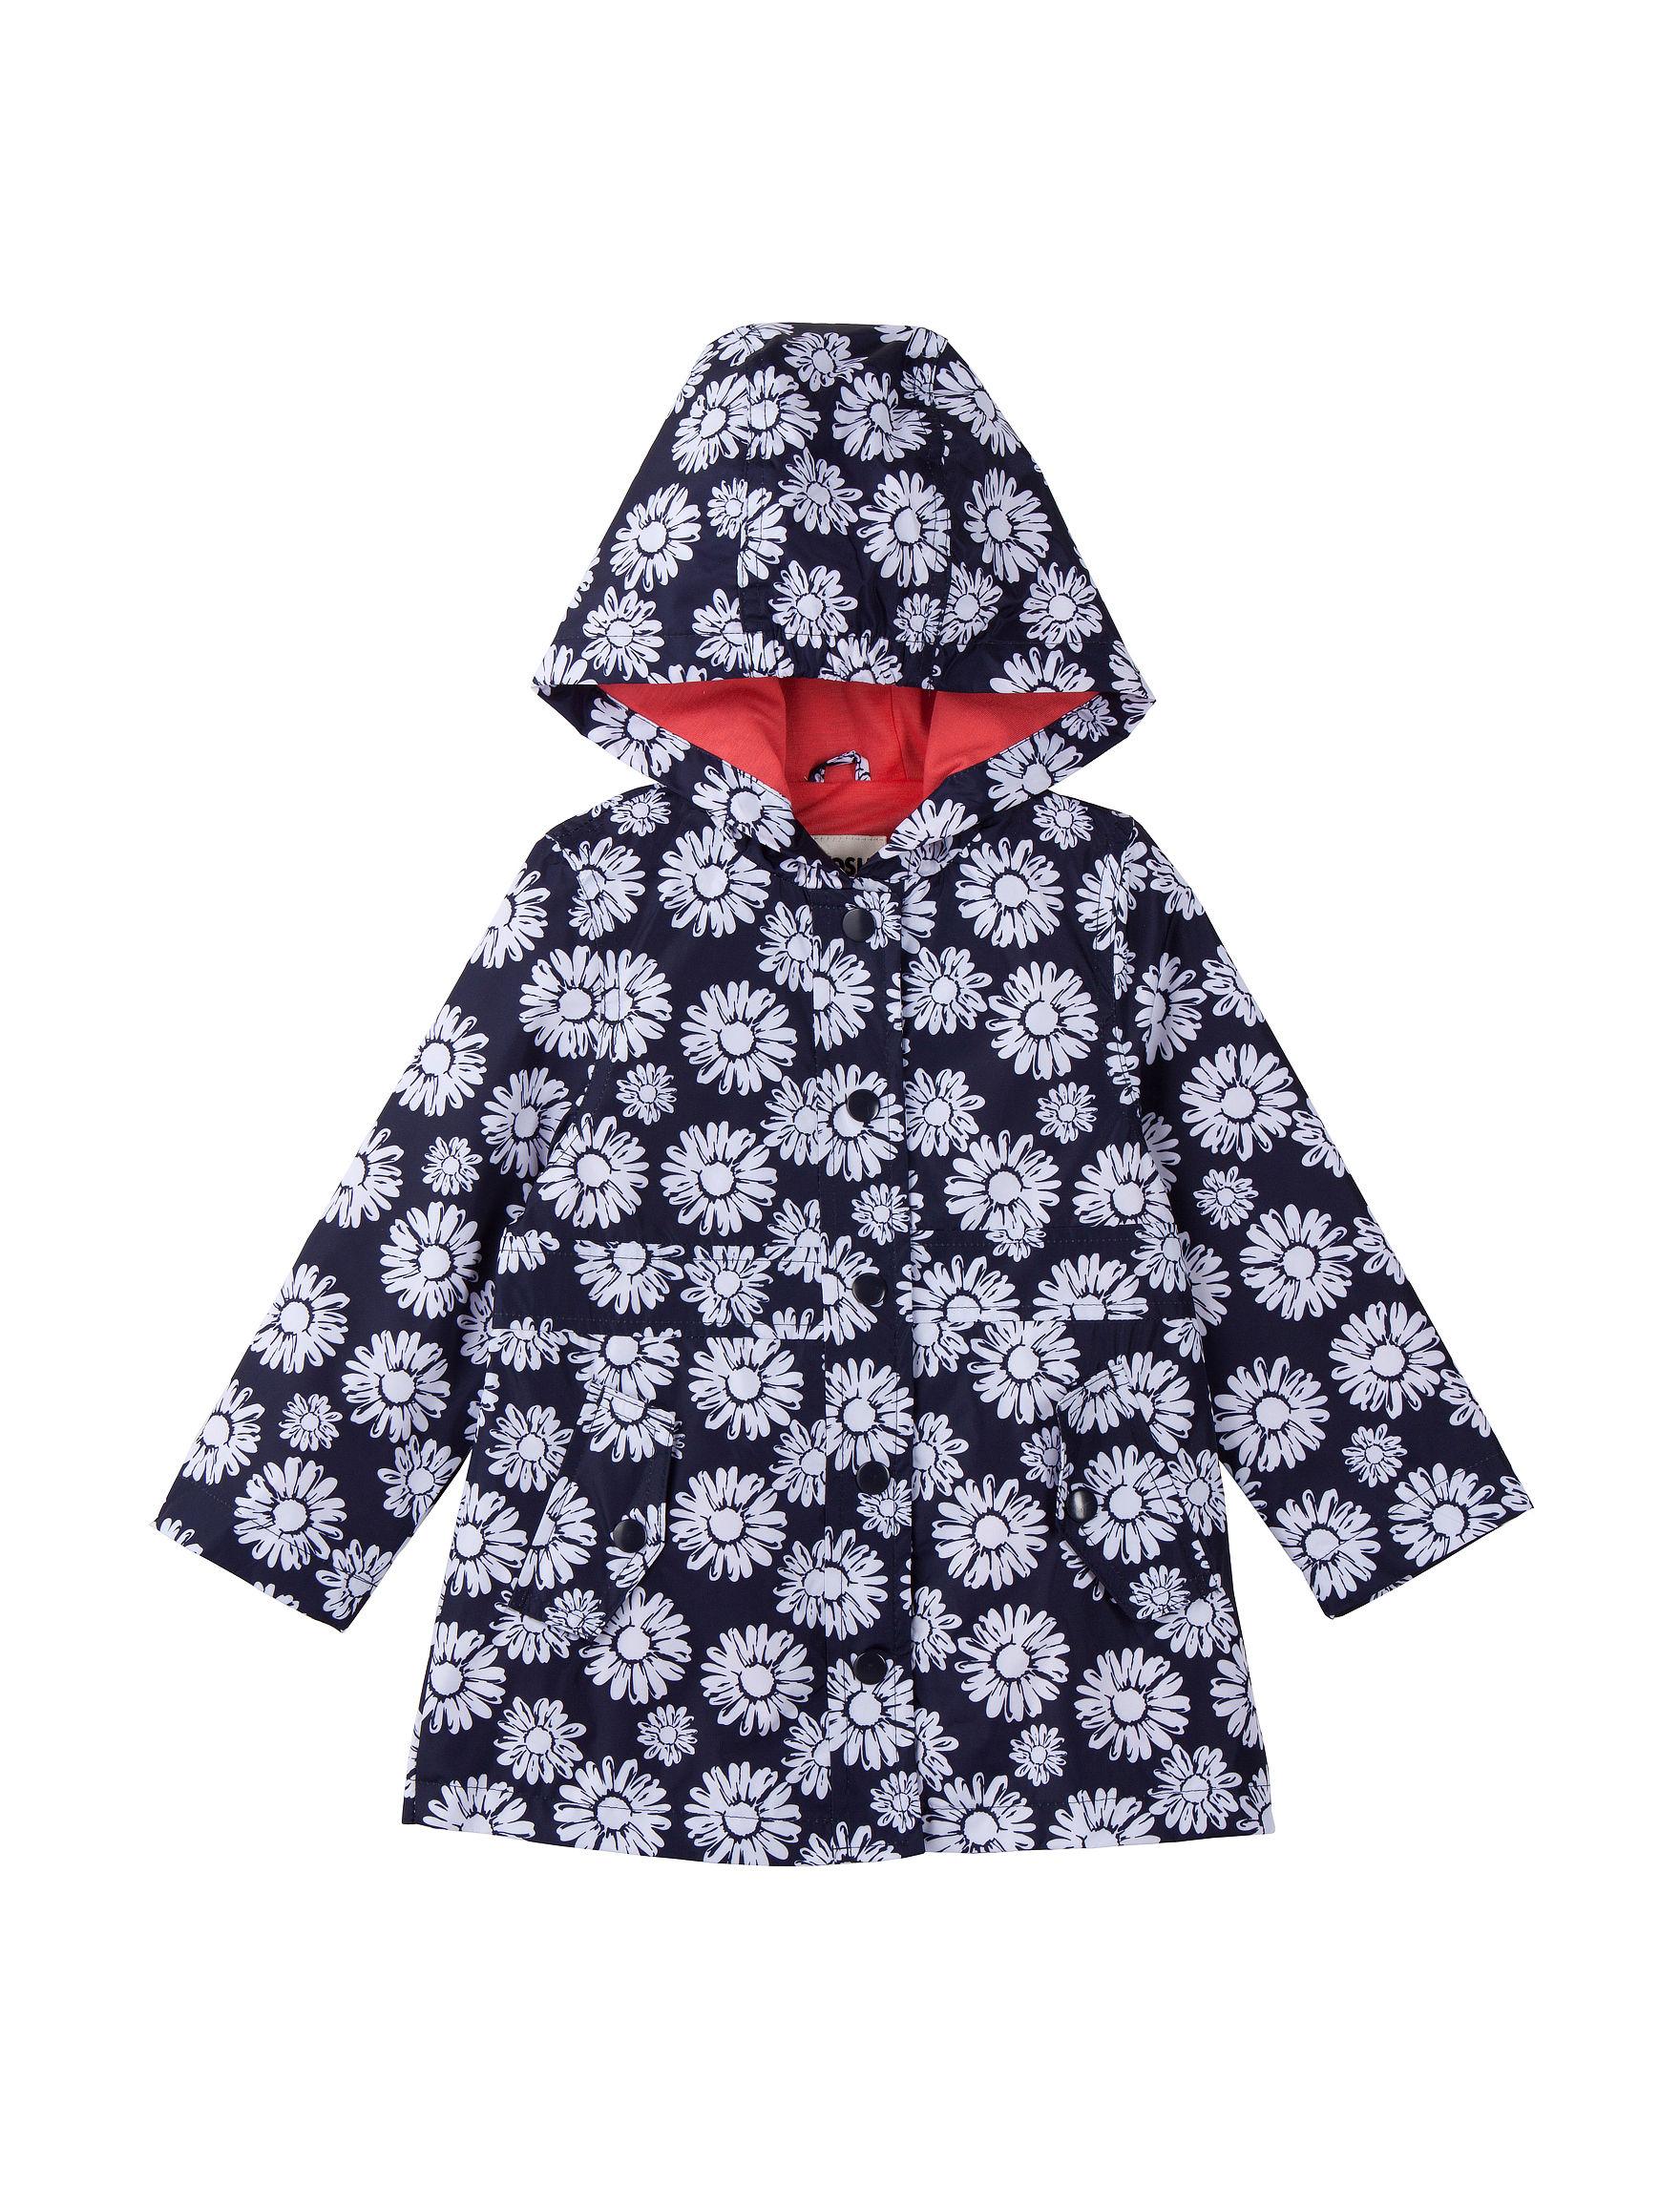 Oshkosh B'Gosh Navy Rain & Snow Jackets